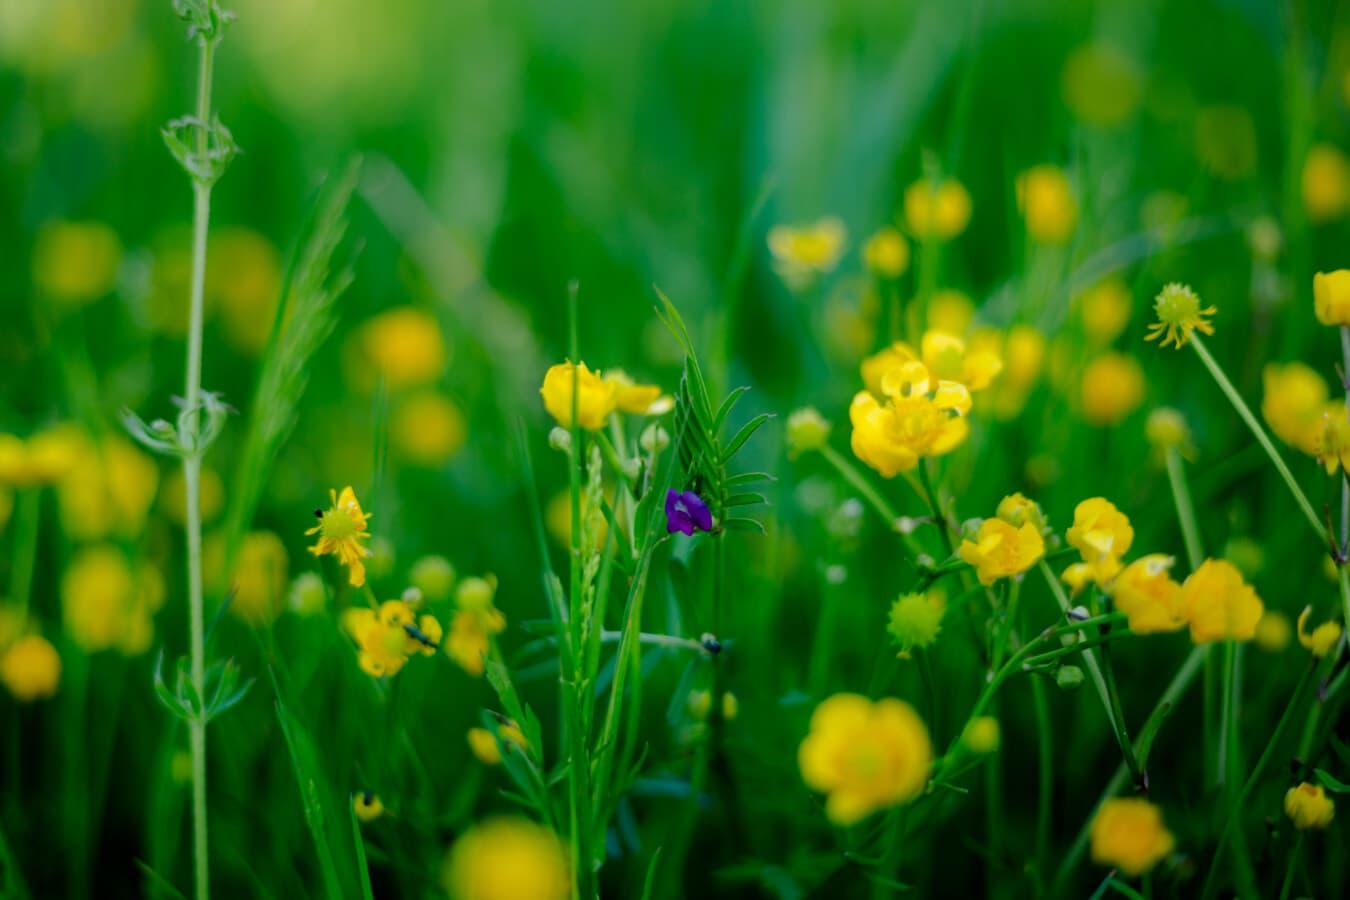 Gras, Wildblumen, aus nächster Nähe, des ländlichen Raums, Sommer, Natur, Feld, Blatt, Blume, Flora